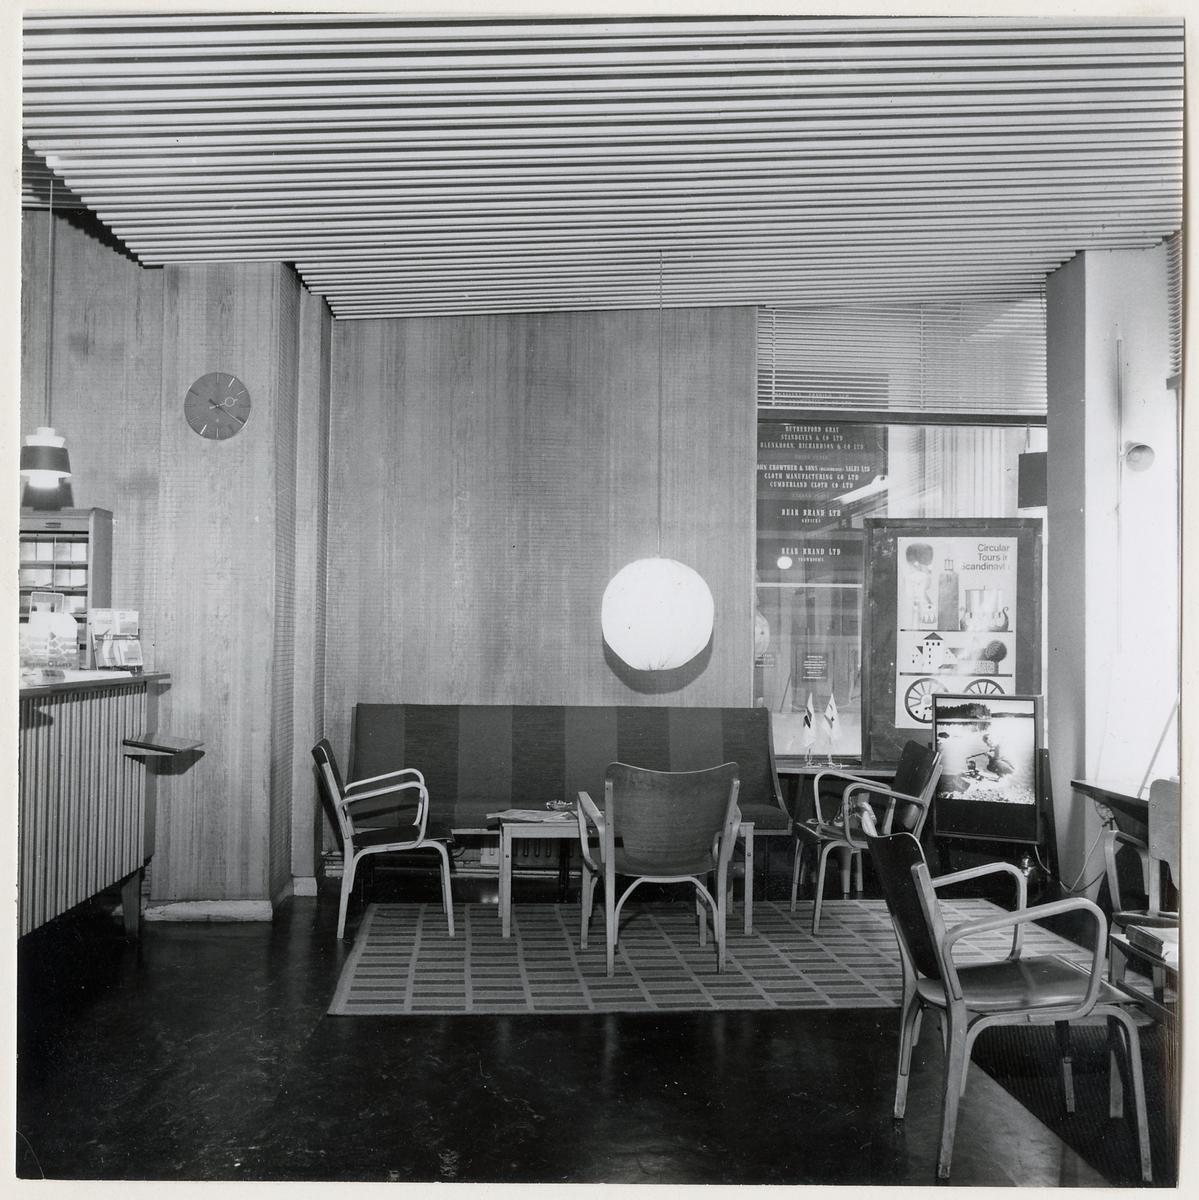 Statens Järnvägar, SJ Resebyrå i London under namnet 'Swedish Travel Bureau'. Vid den här tidpunkten låg resebyrån 7-8 Conduit Street i London.